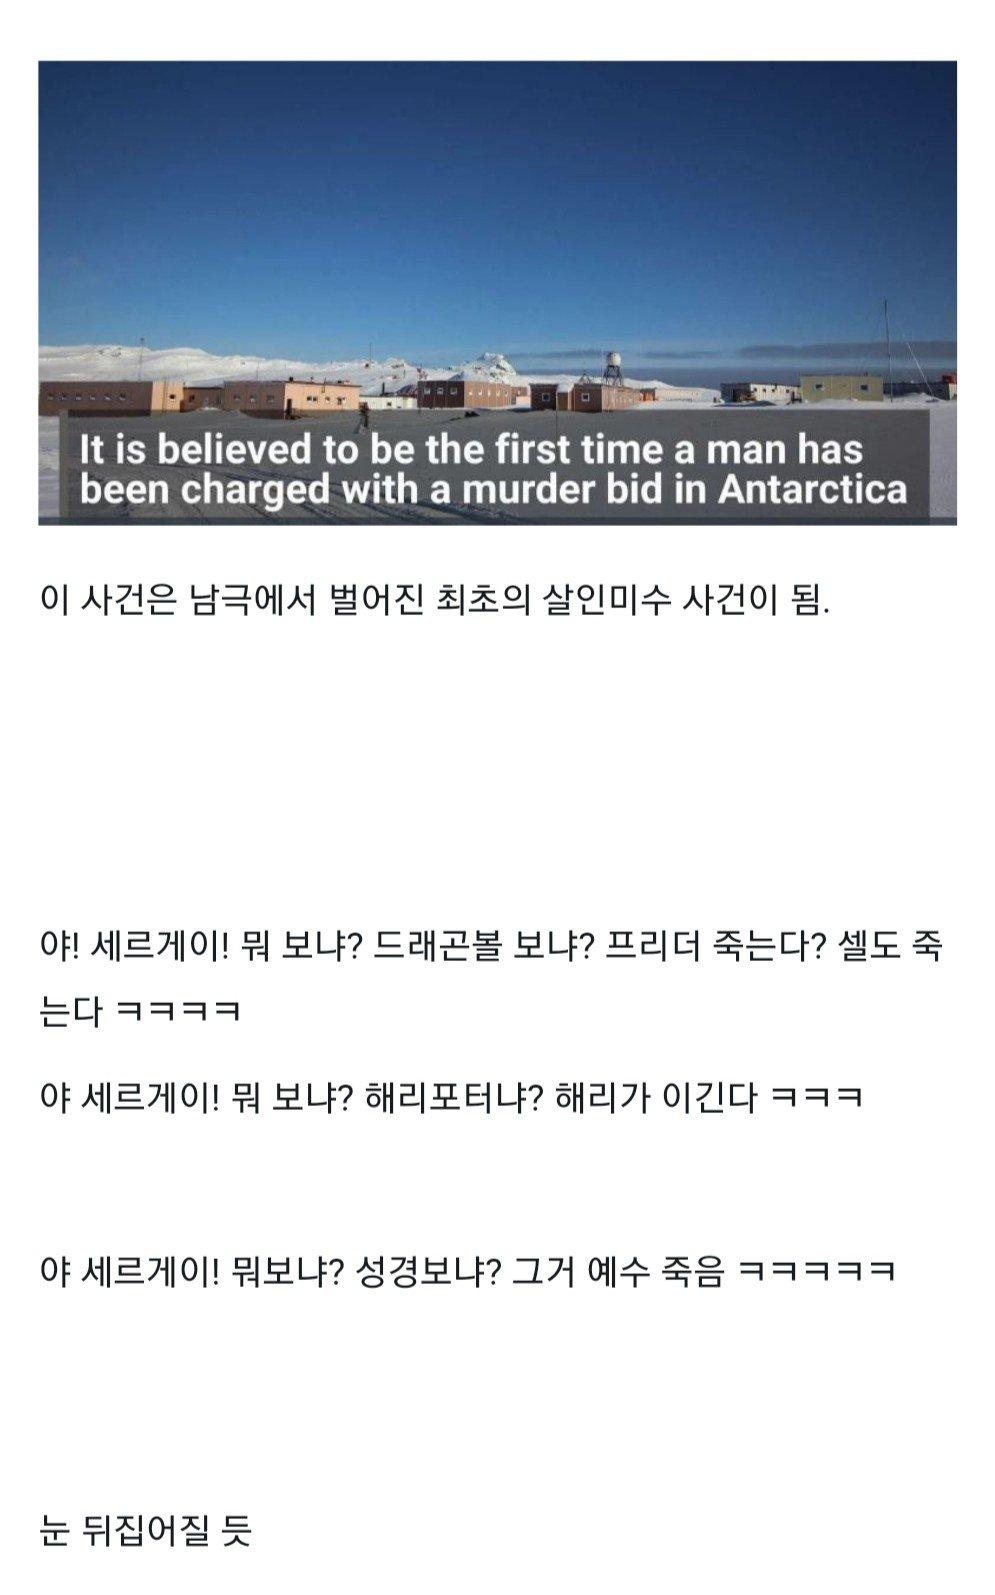 20181031_222353.jpg 남극에서 발생한 최초의 살인 미수 사건.jpg